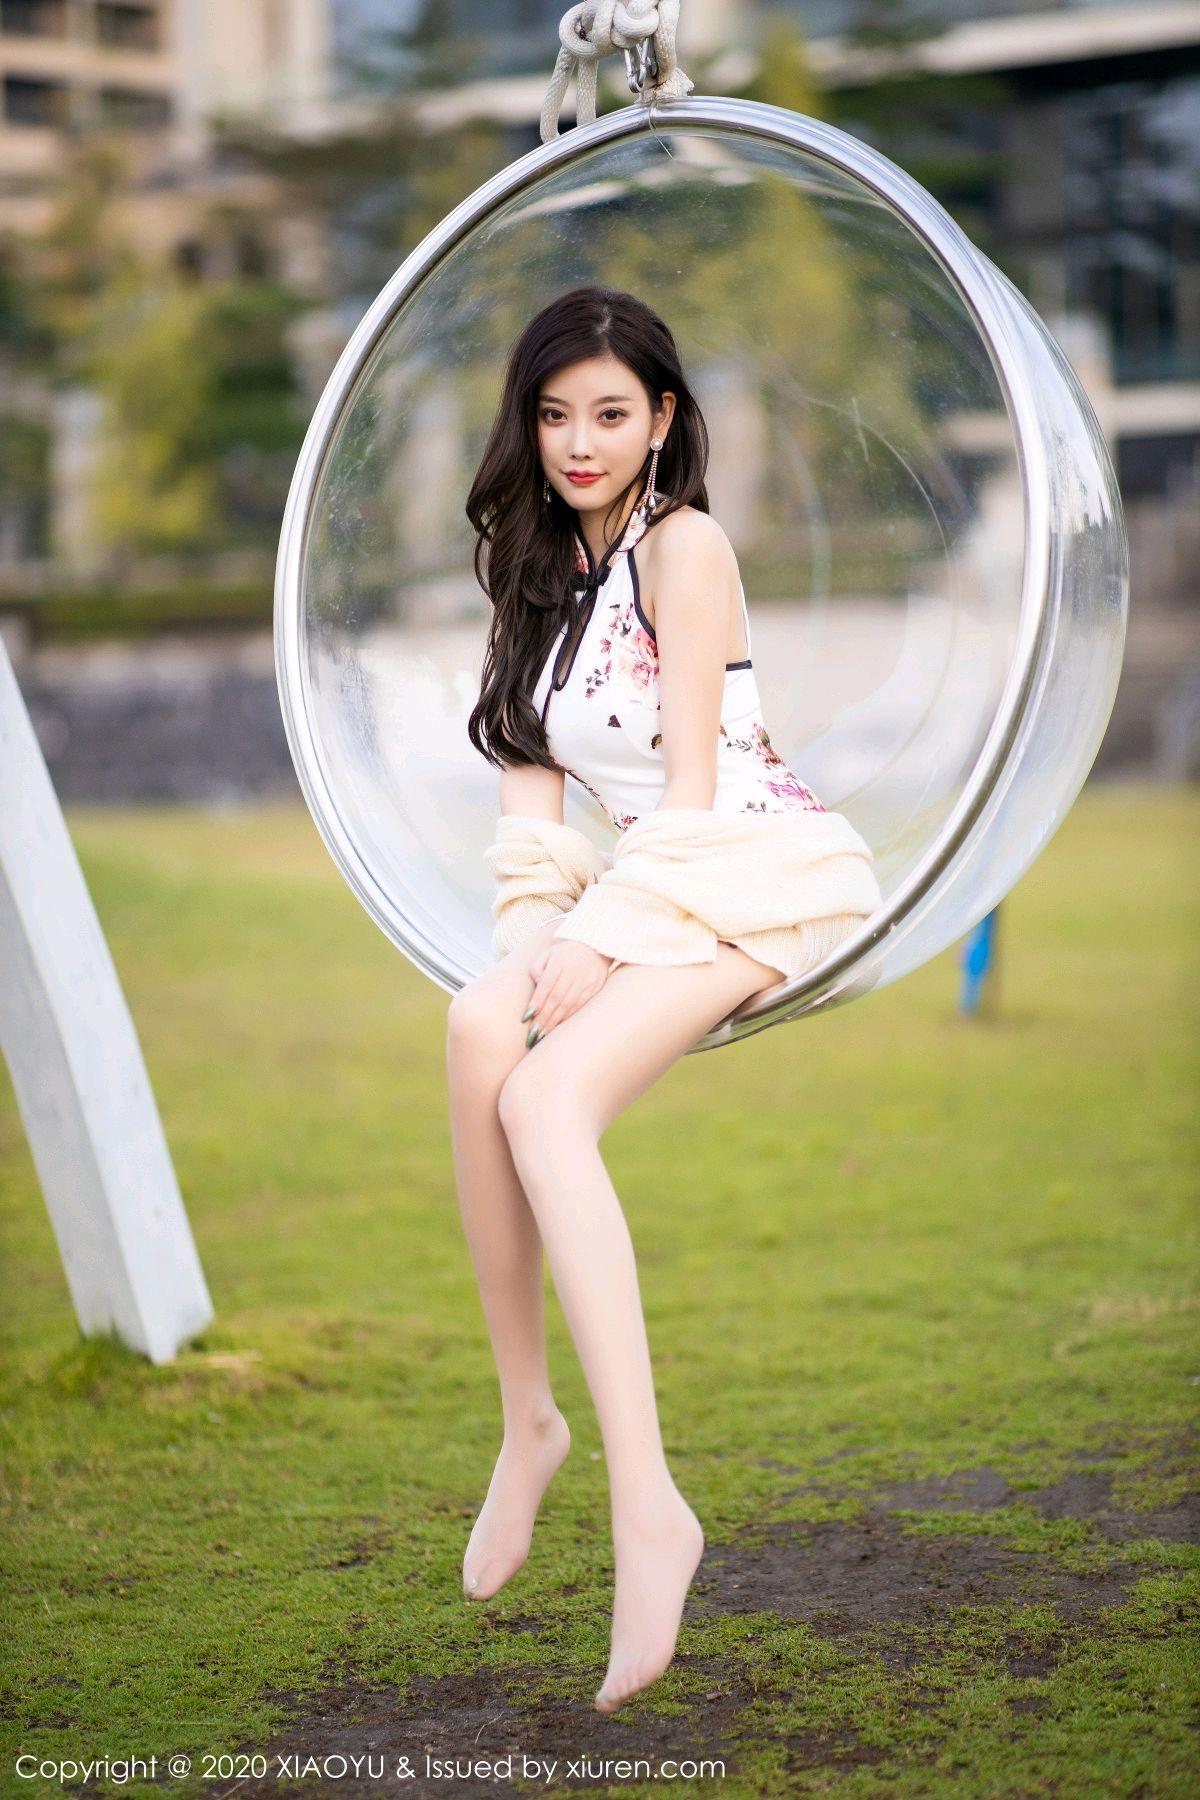 [XiaoYu] Vol.233 Yang Chen Chen 102P, Cheongsam, Foot, XiaoYu, Yang Chen Chen